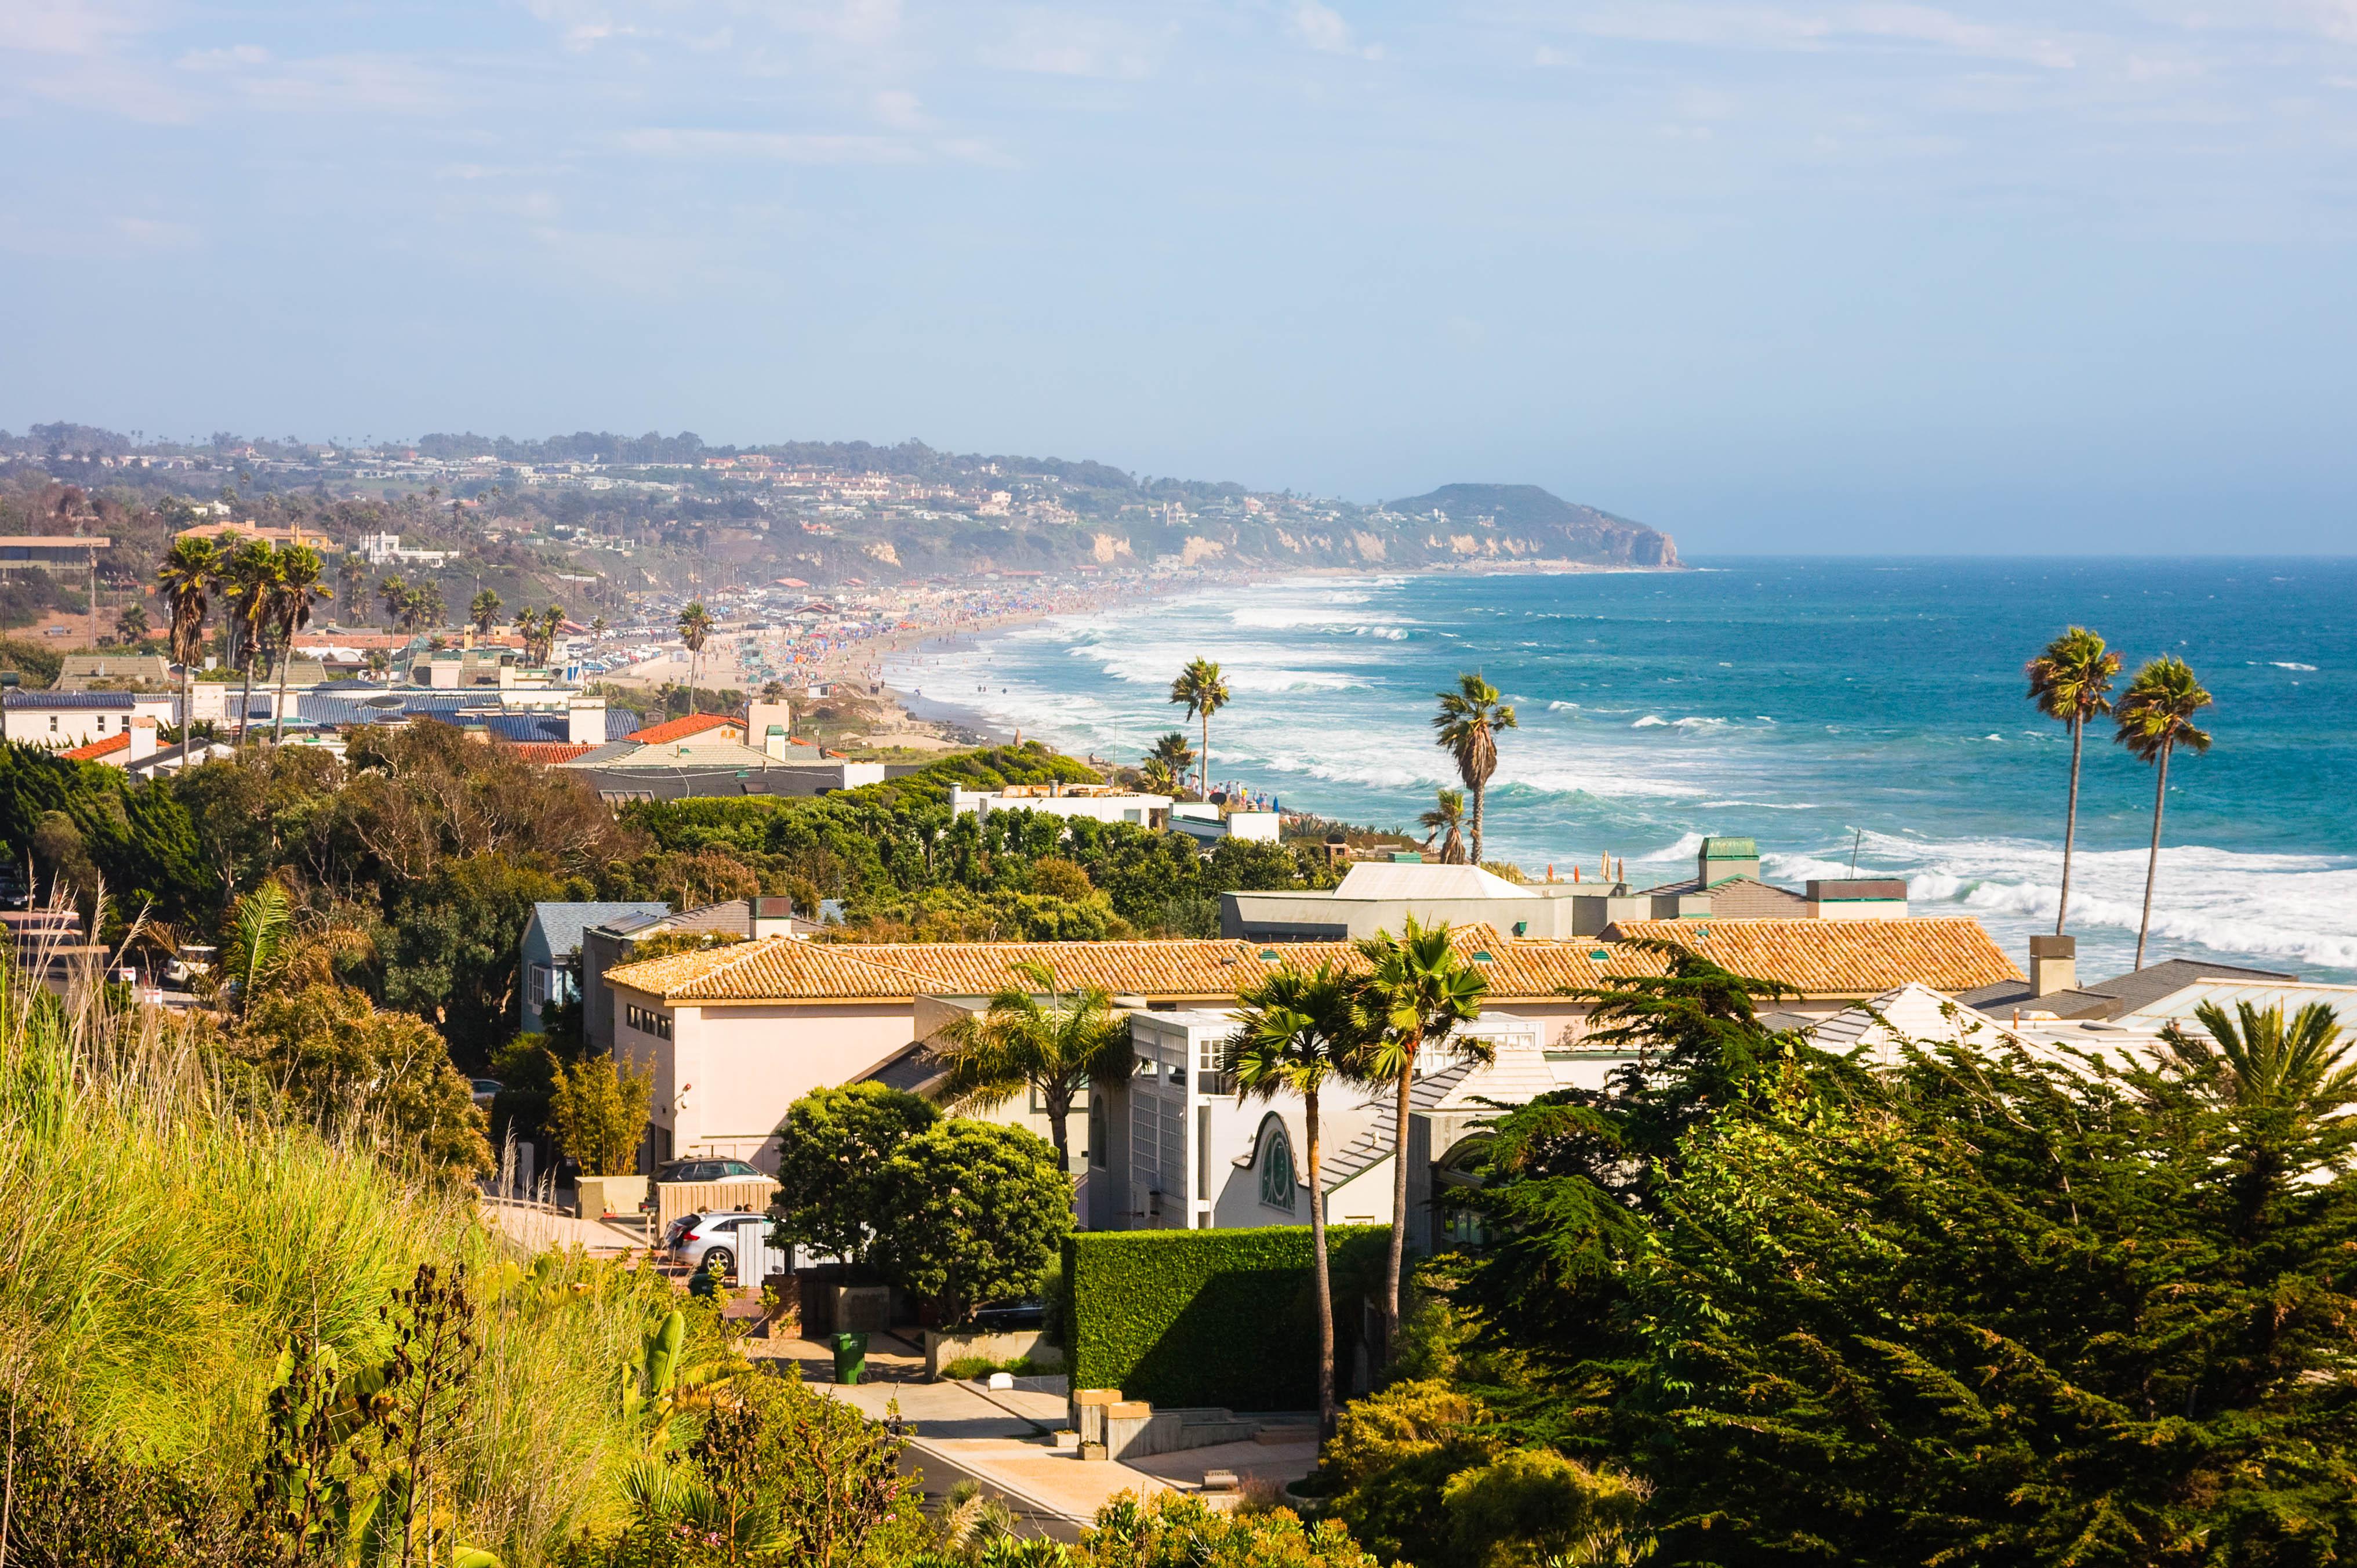 Charlue Harpers Malibu Beach Homes